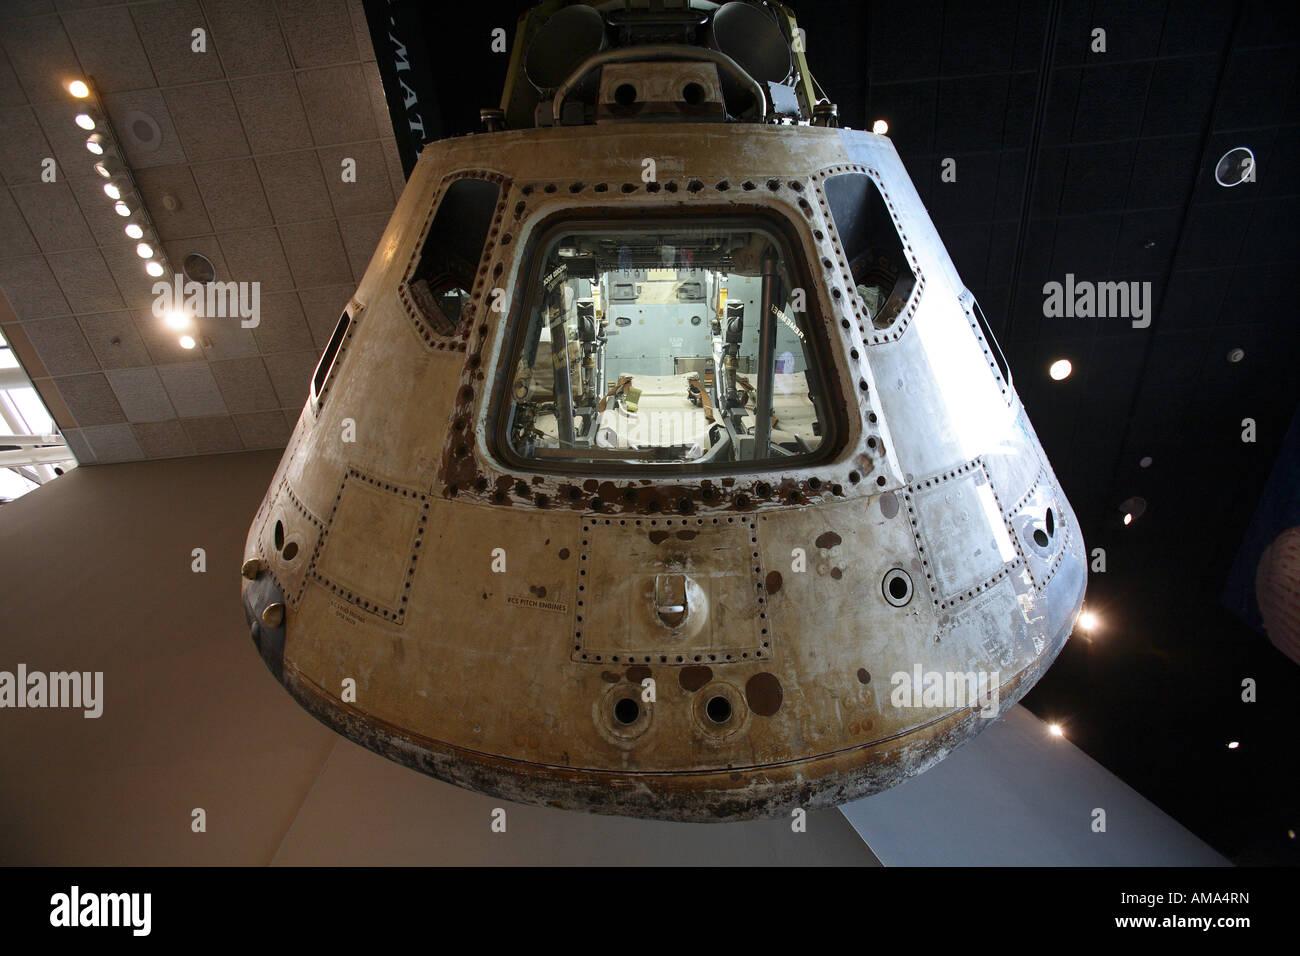 washington space museum apollo - photo #13